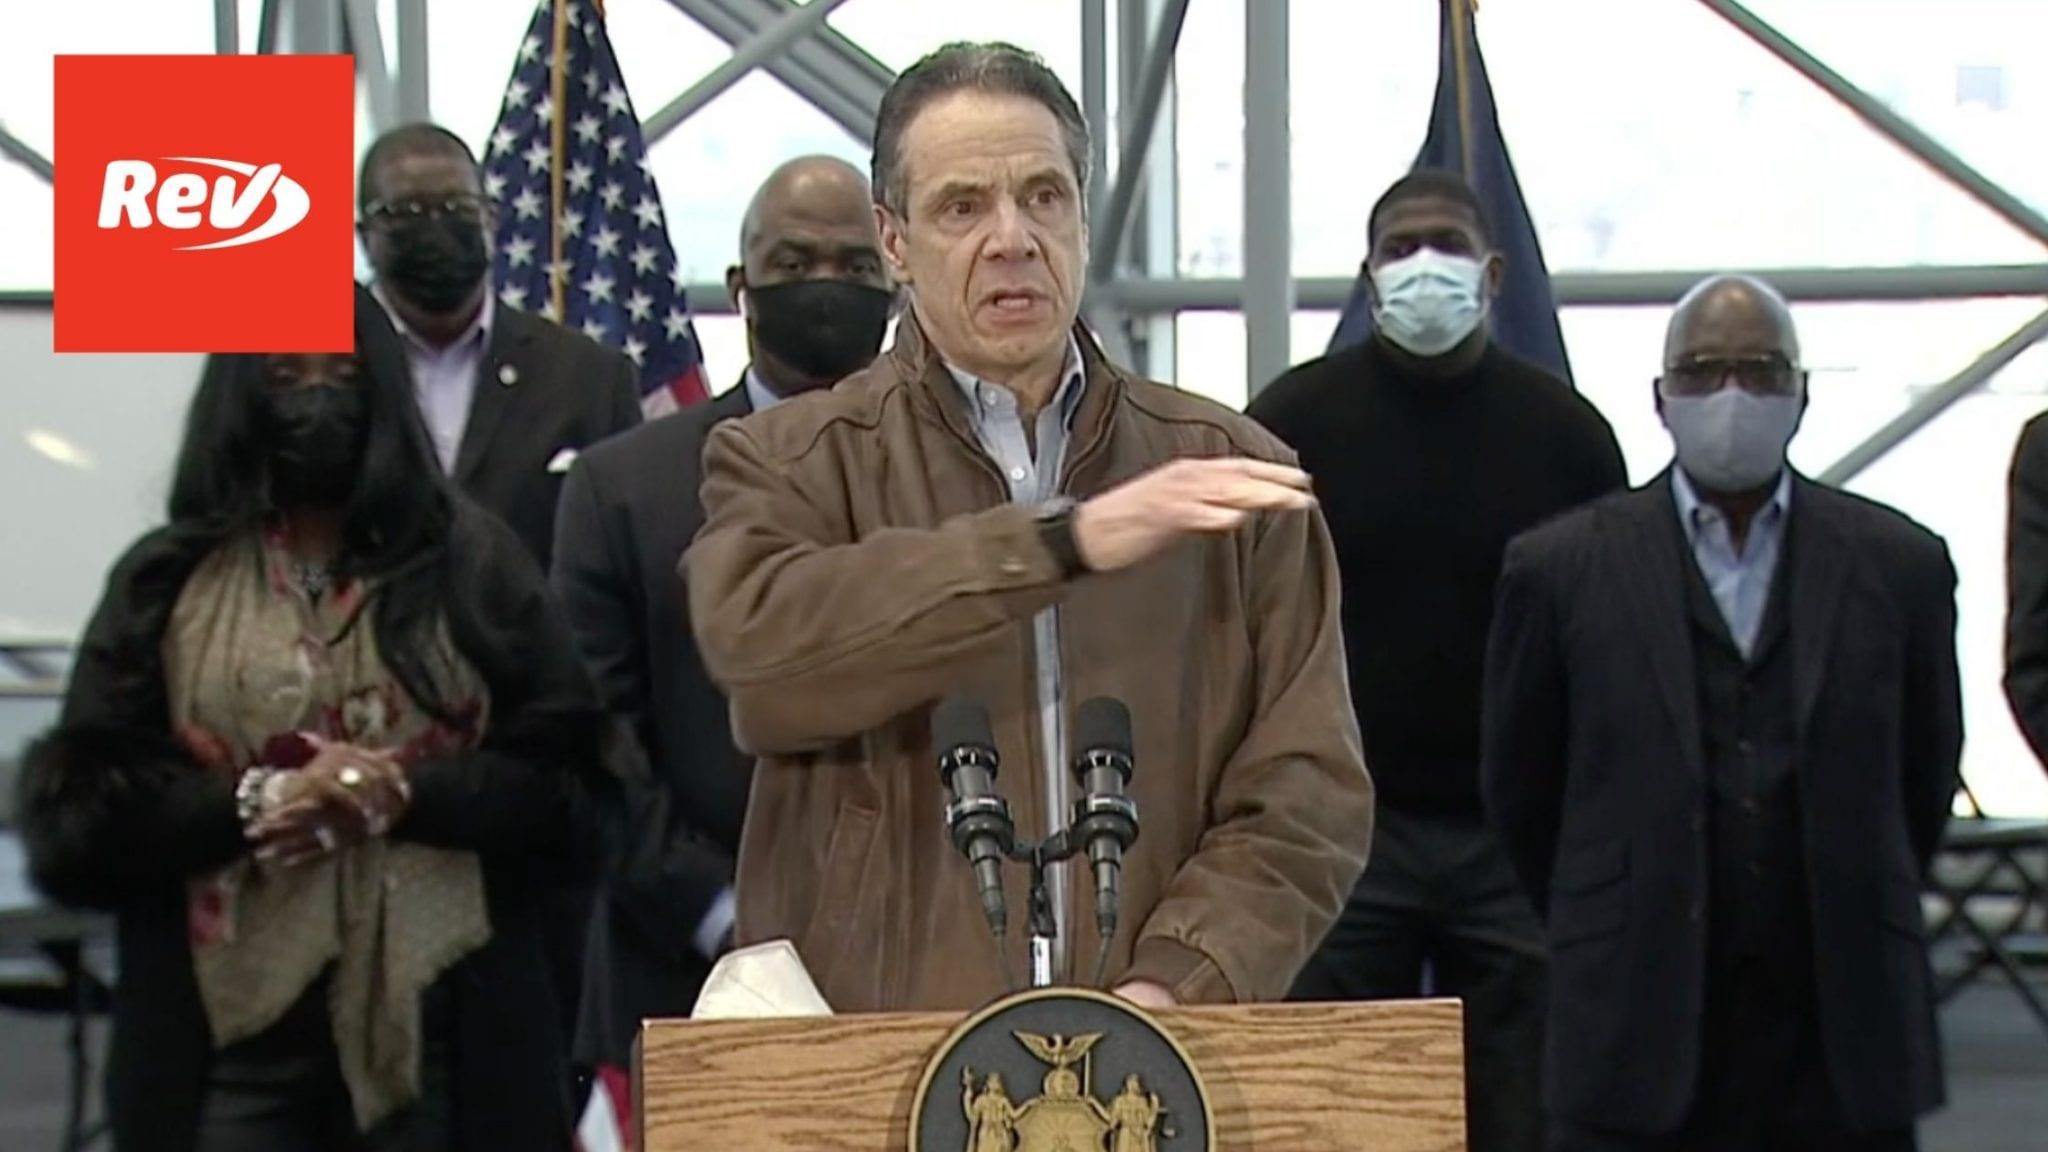 New York Gov. Andrew Cuomo COVID-19 Press Conference Transcript March 8